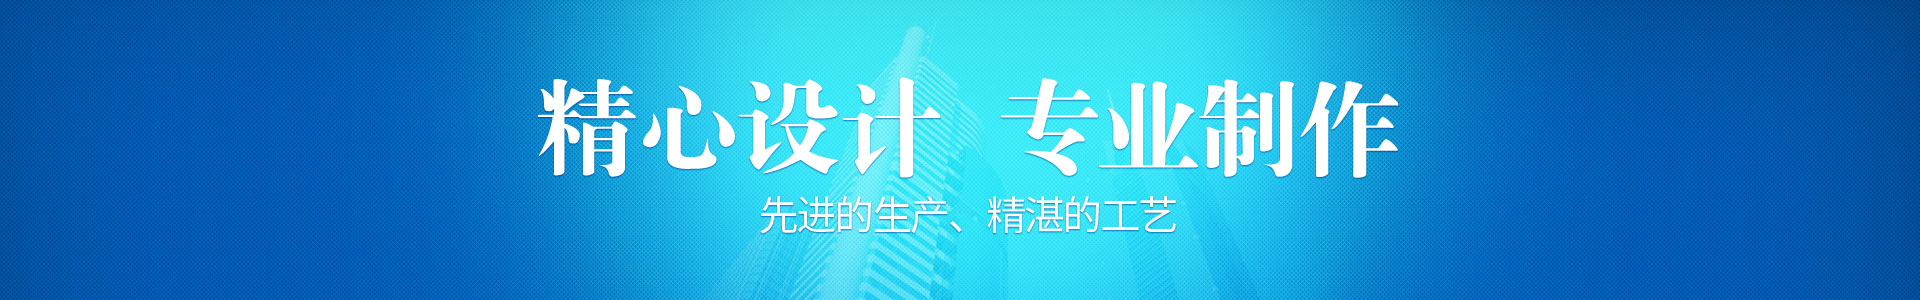 襄阳发光字制作,襄阳门头招牌制作安装-东飞广告有限公司